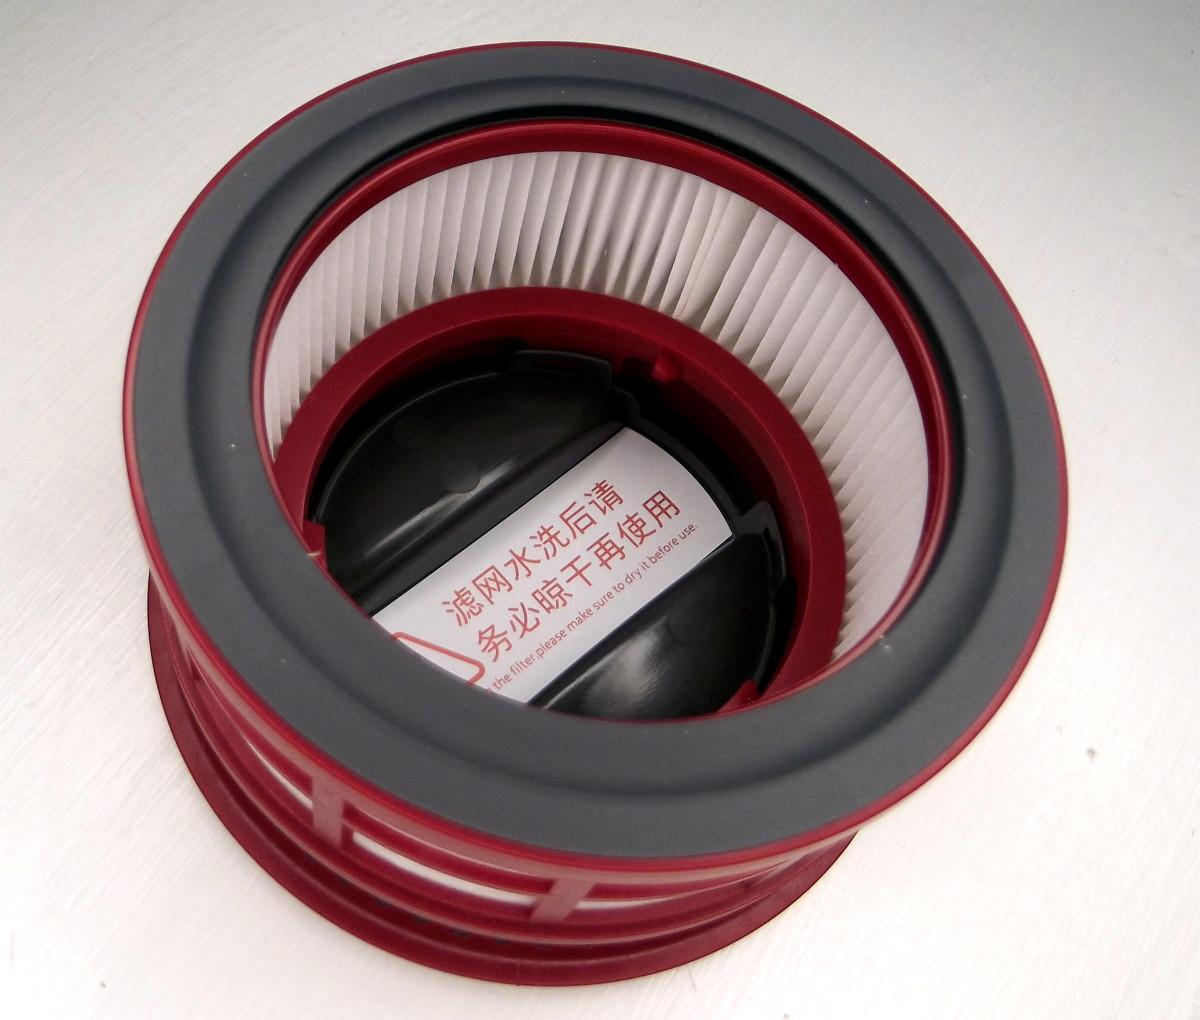 Upper HEPA filter